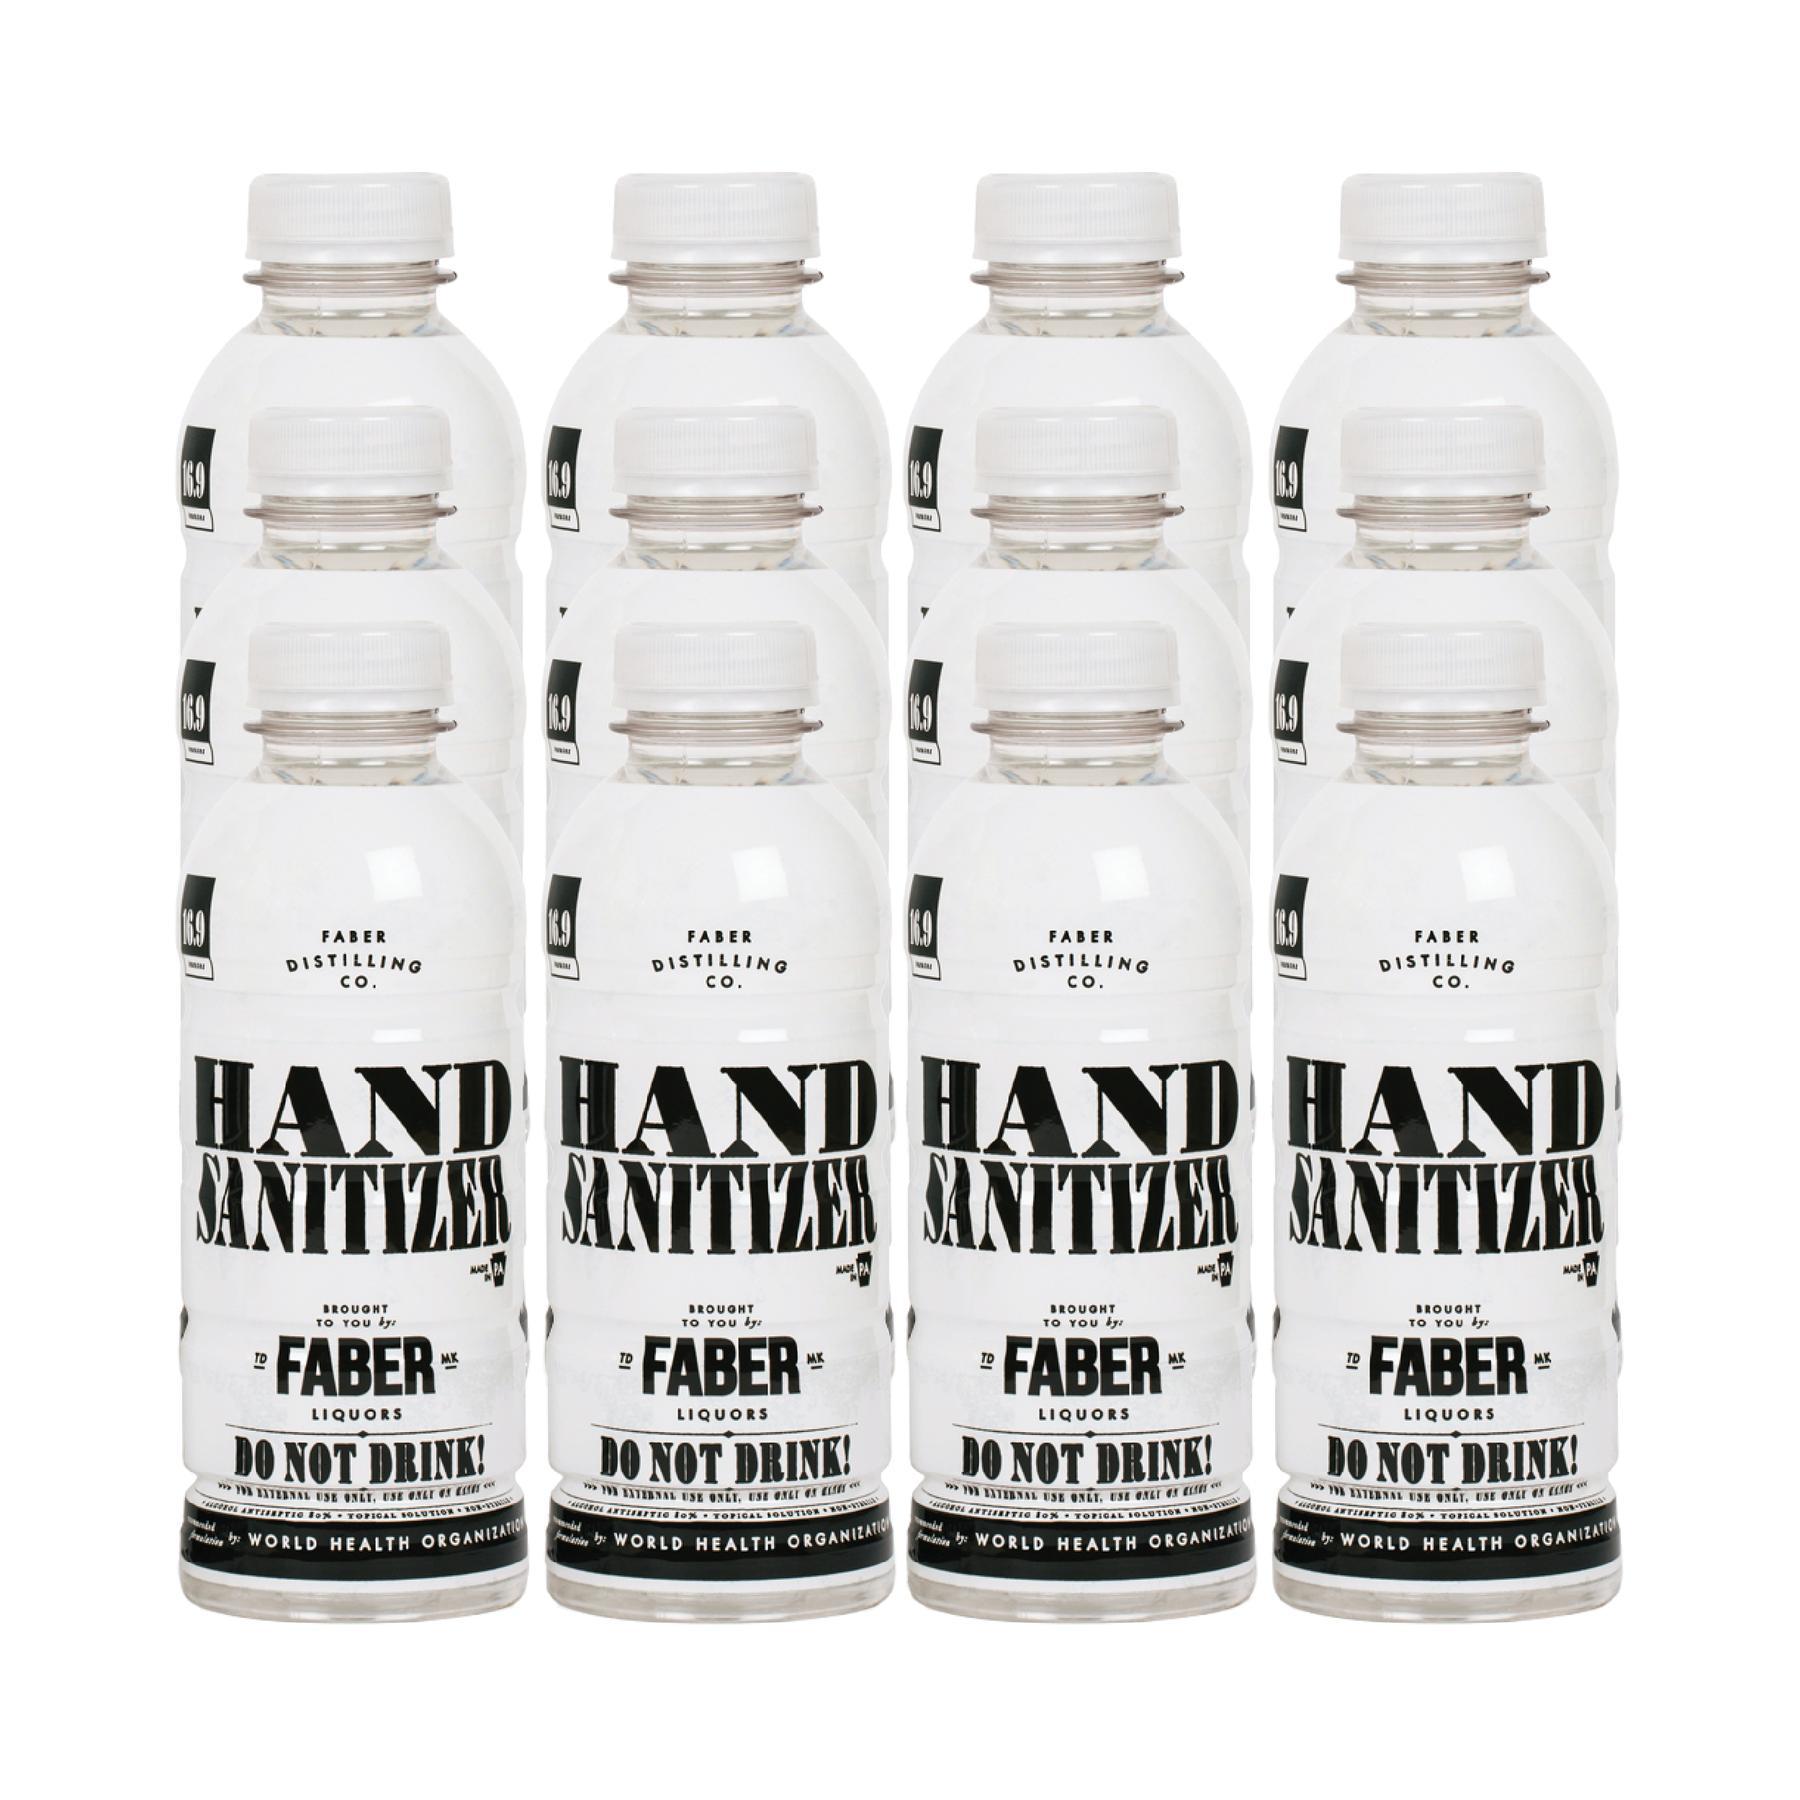 Hand sanitizer—16.9oz - 12 pack $53.99